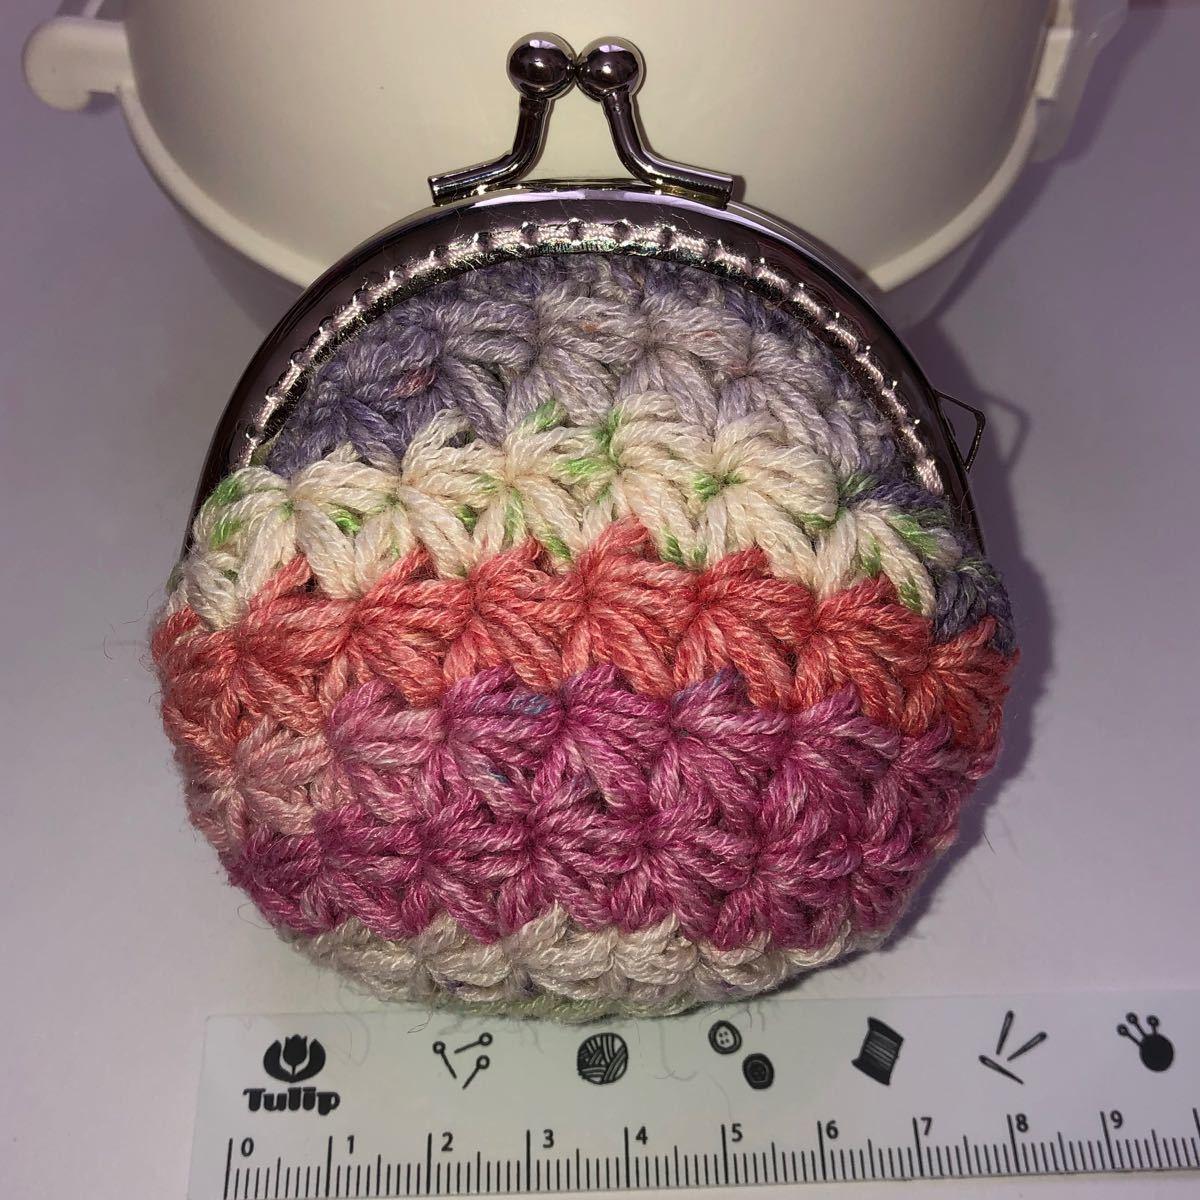 がま口ポーチ opalコットン毛糸 リフ編み お花柄 ハンドメイド  ミニポーチ